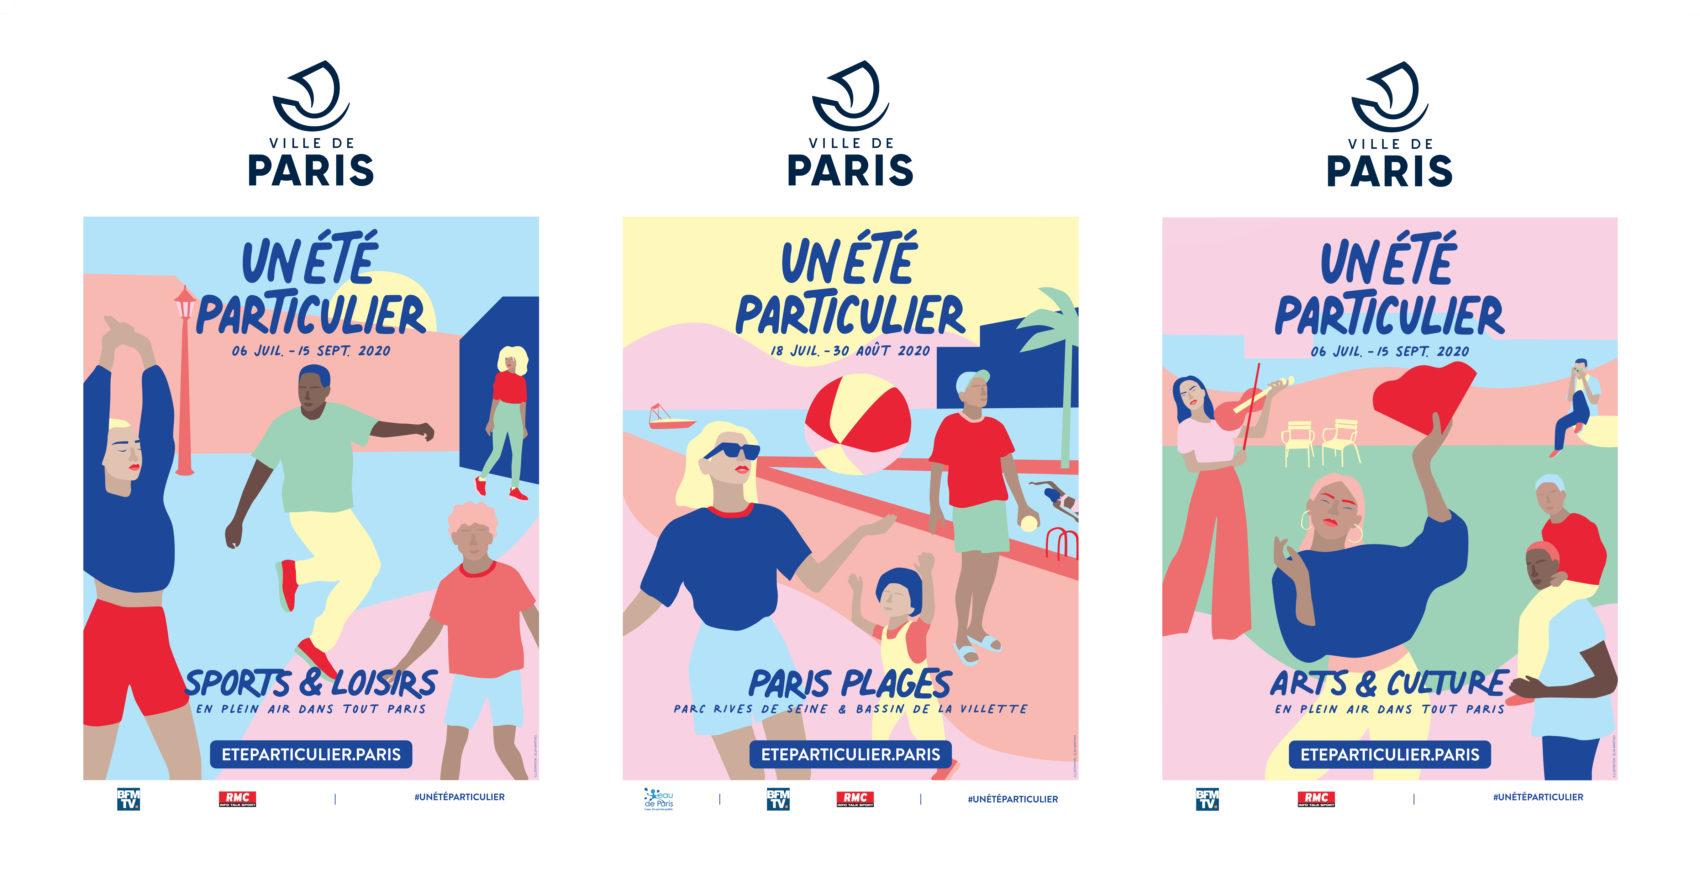 News_actualite_presse_ouverture_Paris_lance_Un_ete_particulier_campagne_communication_affiches_ville_de_paris_plages_programme_estival_2020_animation_pour_parisiens_parisiennes_lafourmi-1700x905